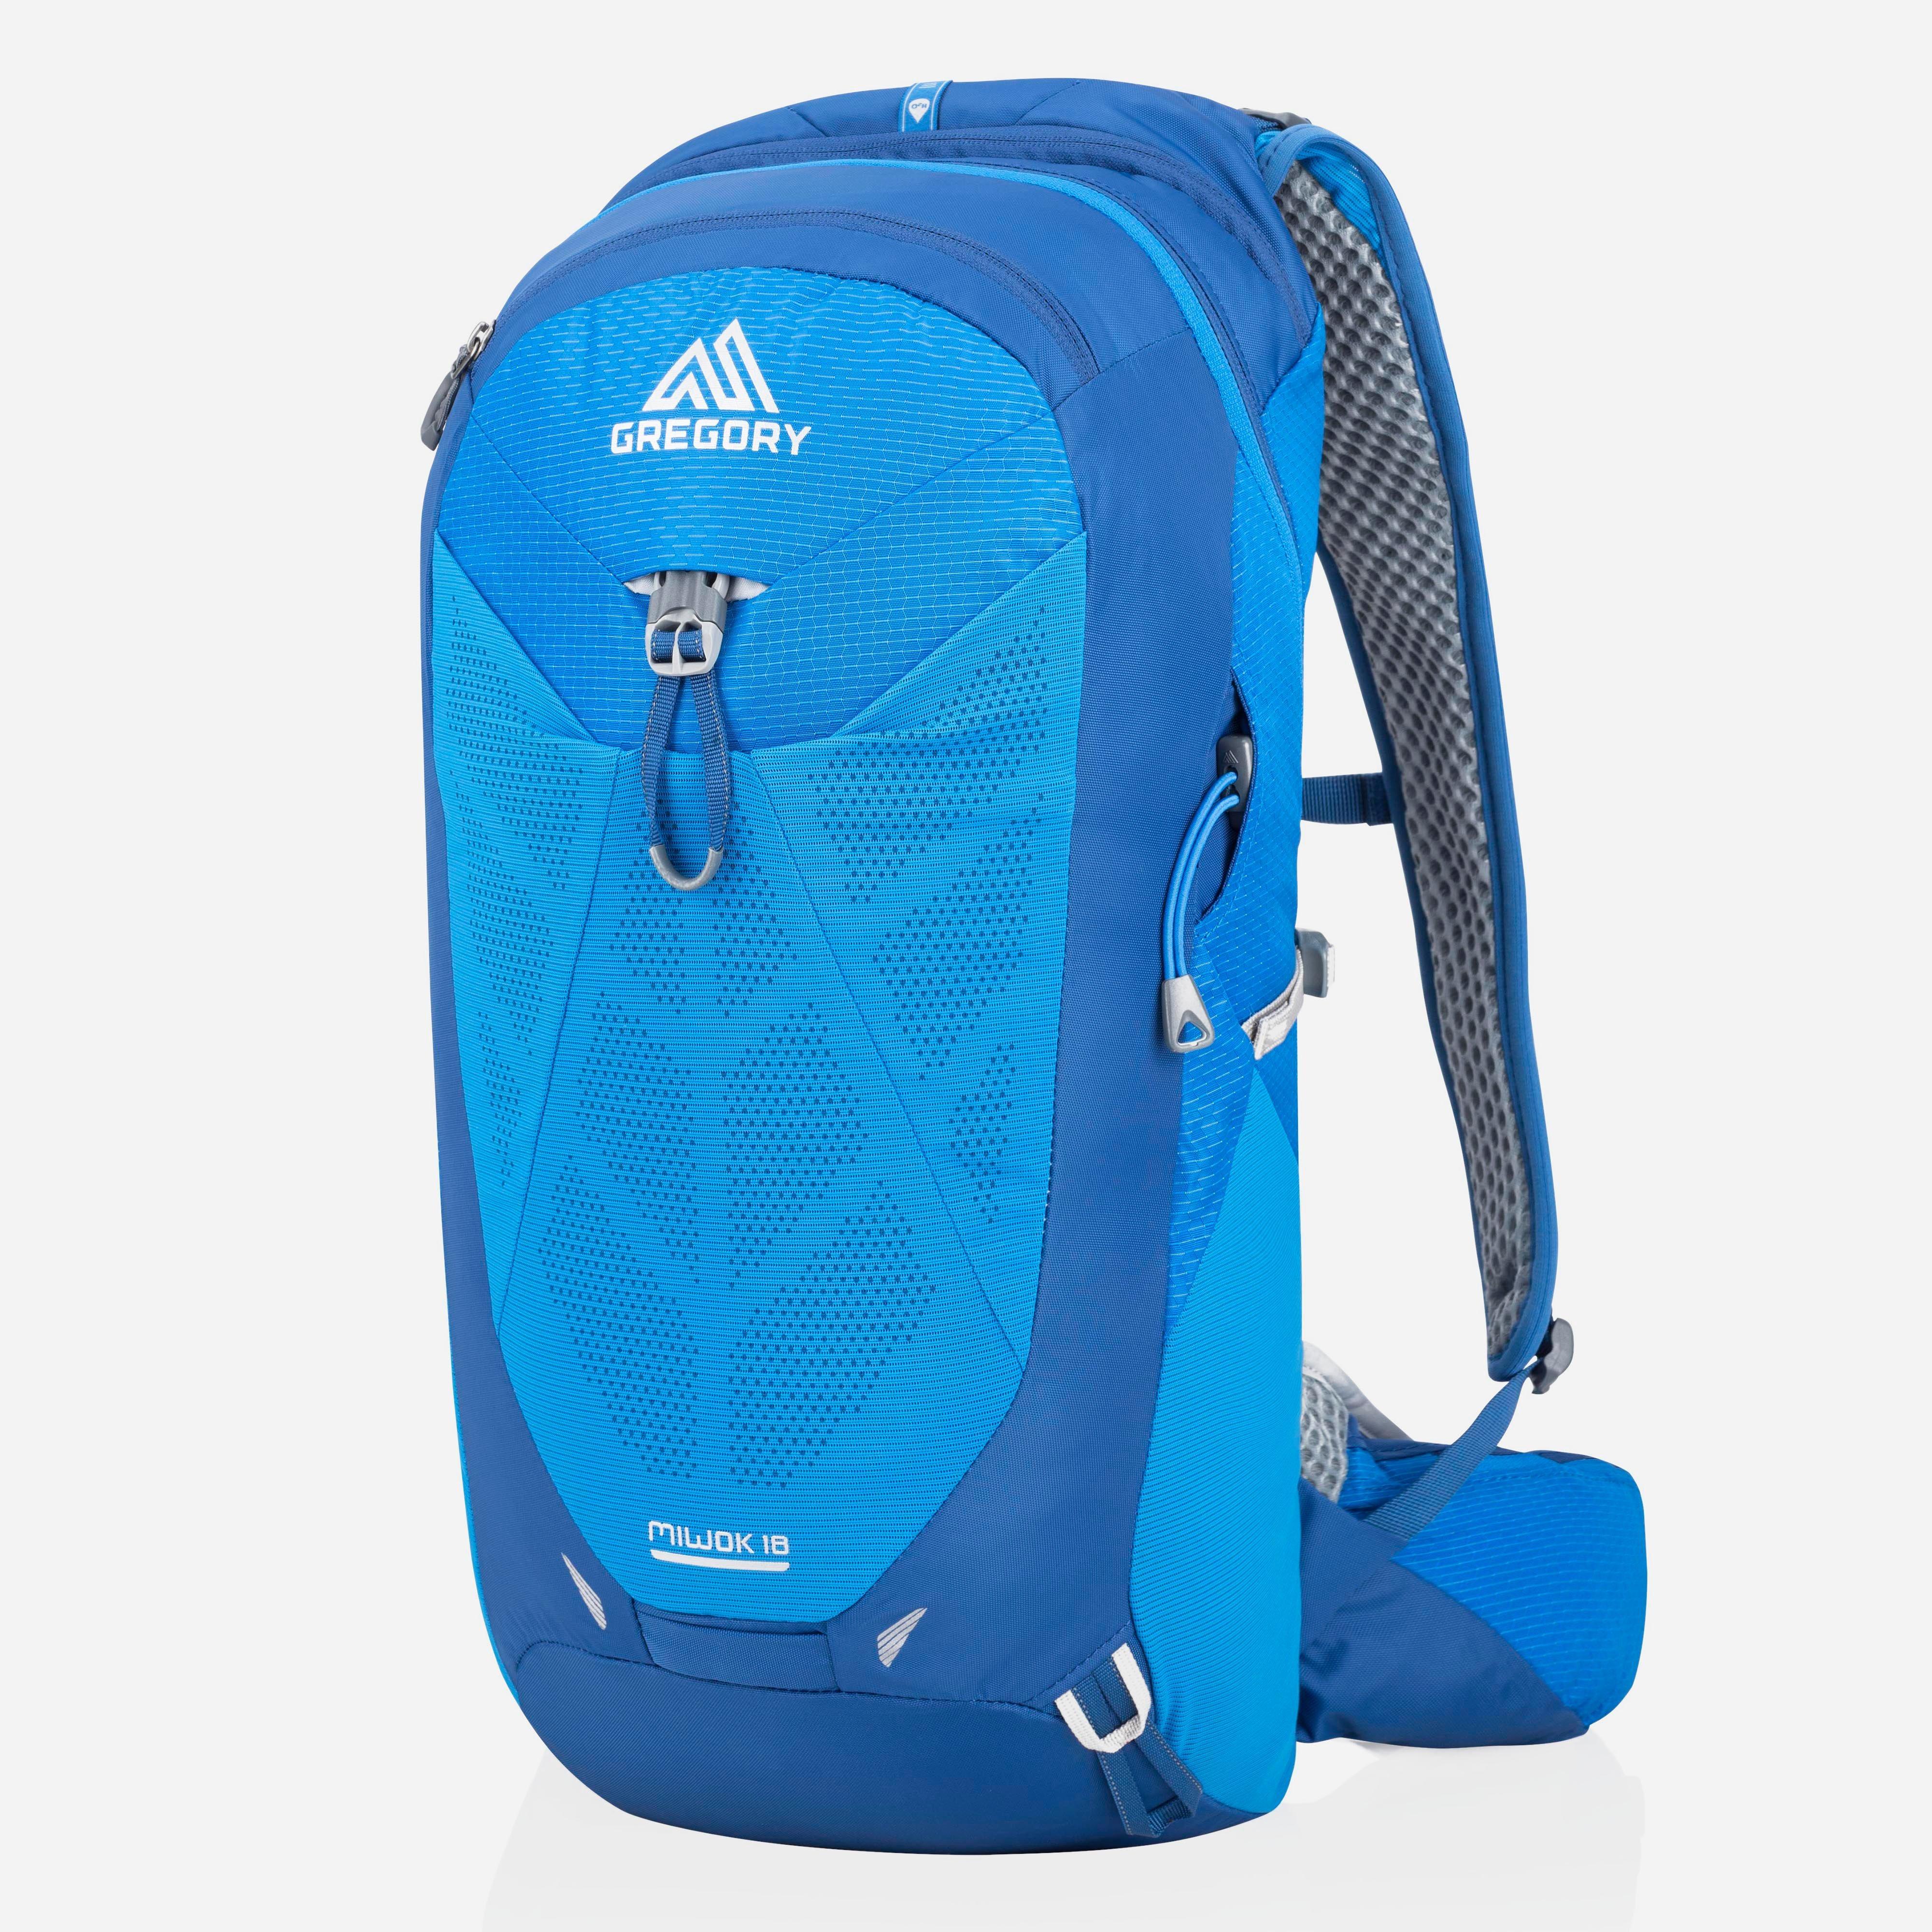 Gregory Miwok 18L Backpack, Blue